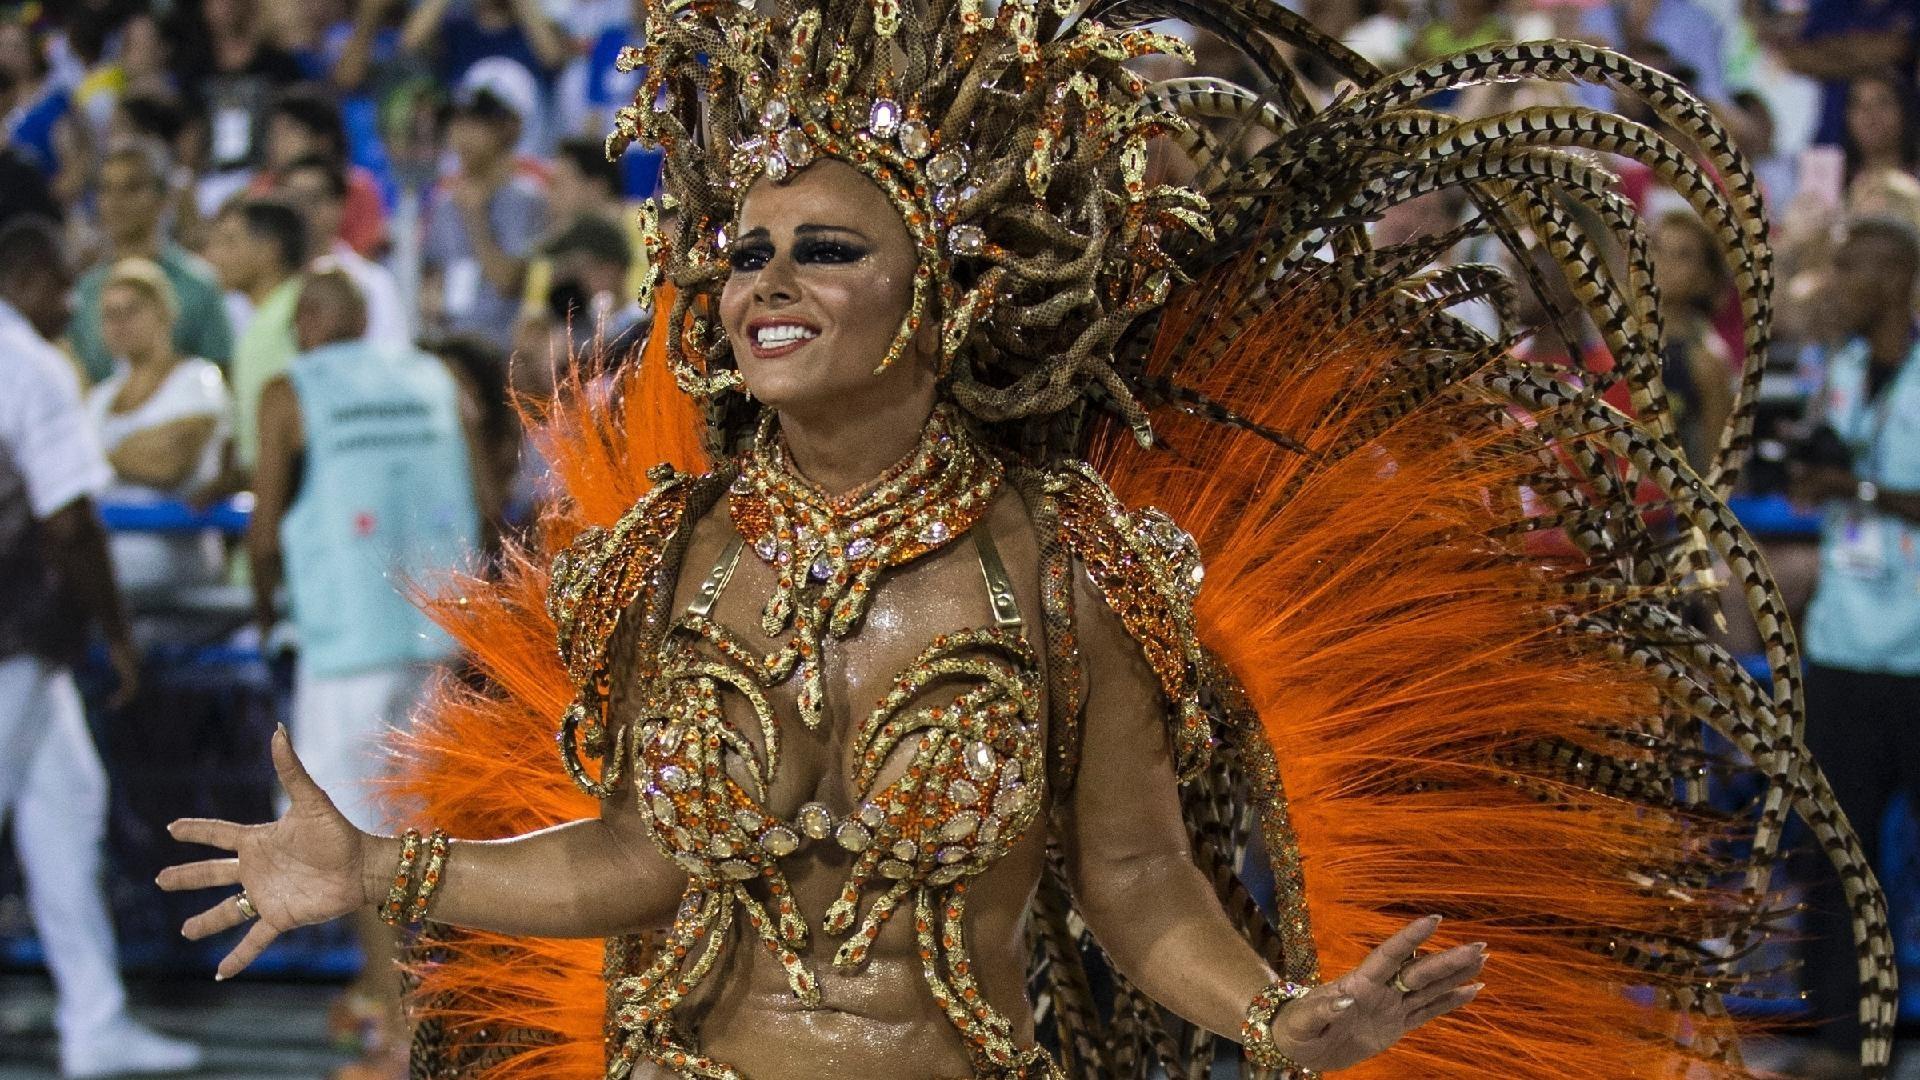 Calendario Carnaval 2019 Rio De Janeiro Más Reciente Confira A ordem Dos Desfiles Das Escolas De Samba Do Rio Na Sapuca Of Calendario Carnaval 2019 Rio De Janeiro Más Recientemente Liberado Calendário 2019